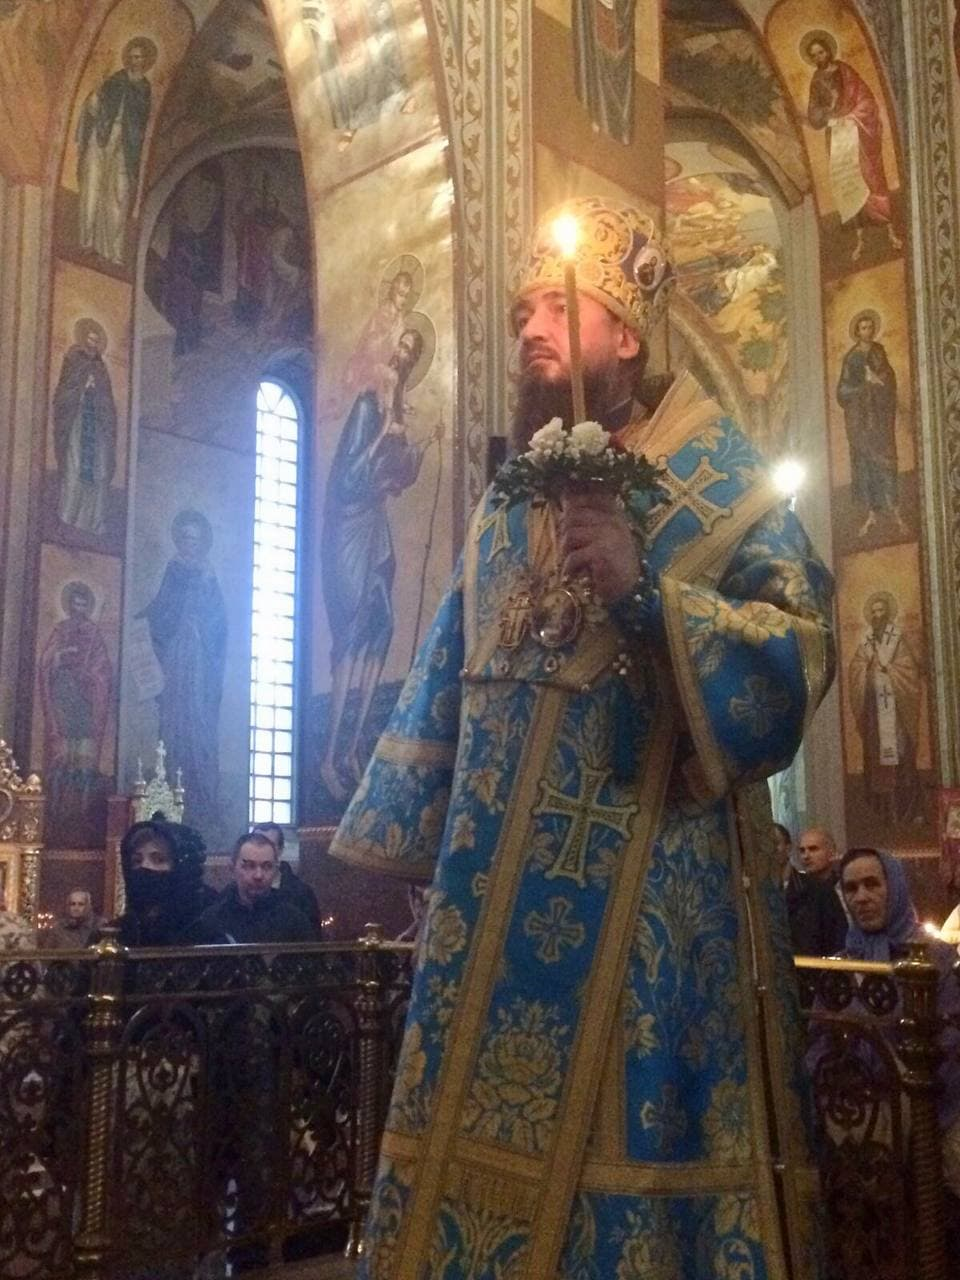 Всенічне бдіння напередодні свята Різдва Пресвятої Богородиці в Архангело-Михайлівському кафедральному соборі м.Черкаси